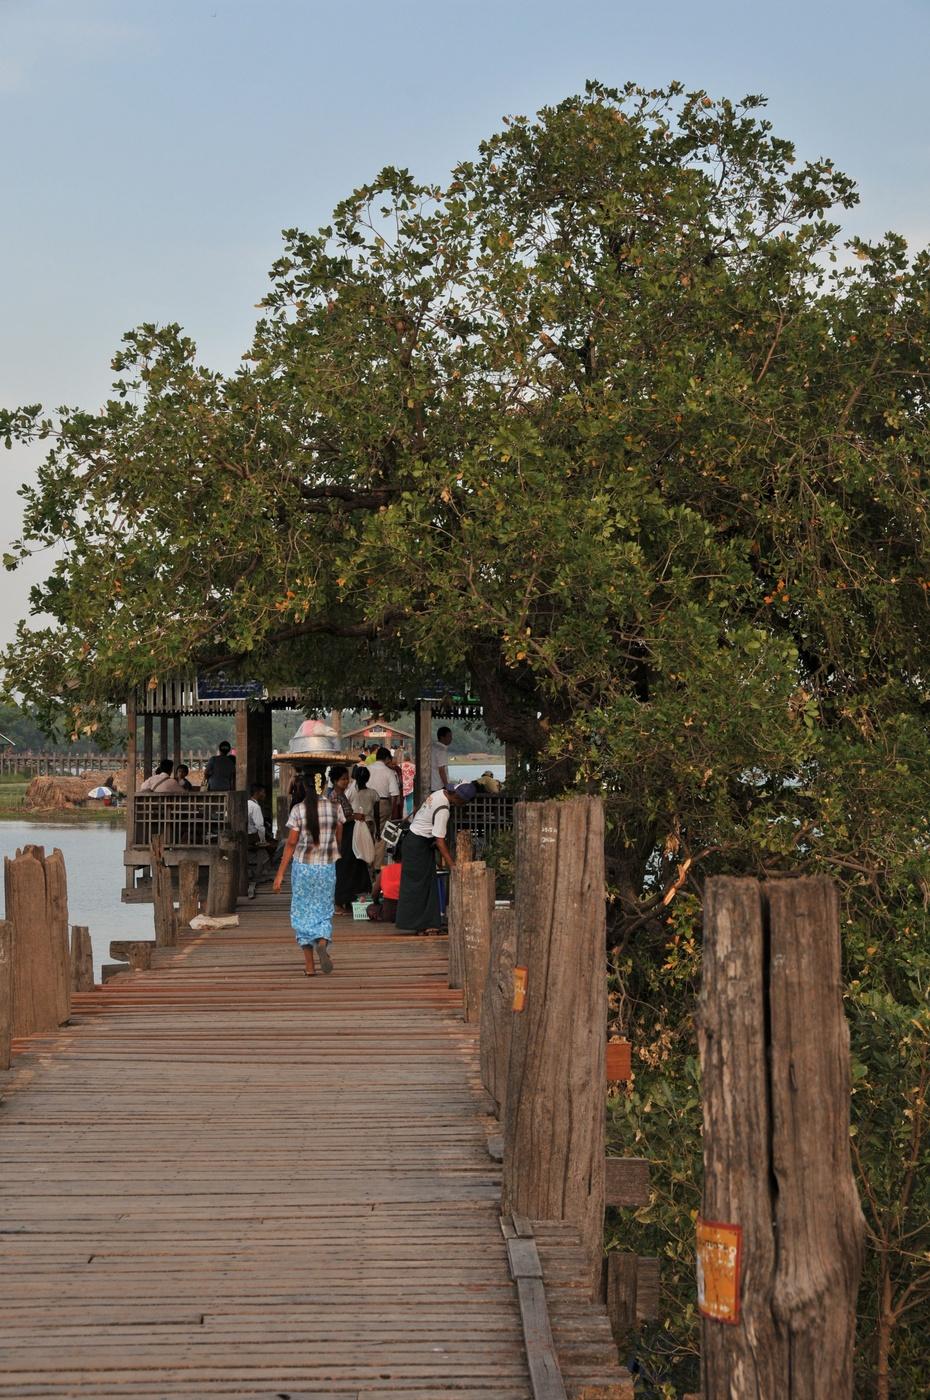 [  ]缅甸曼德勒乌本桥U Bein Bridge光影 - 冬日暖陽 - 缘来如此心动